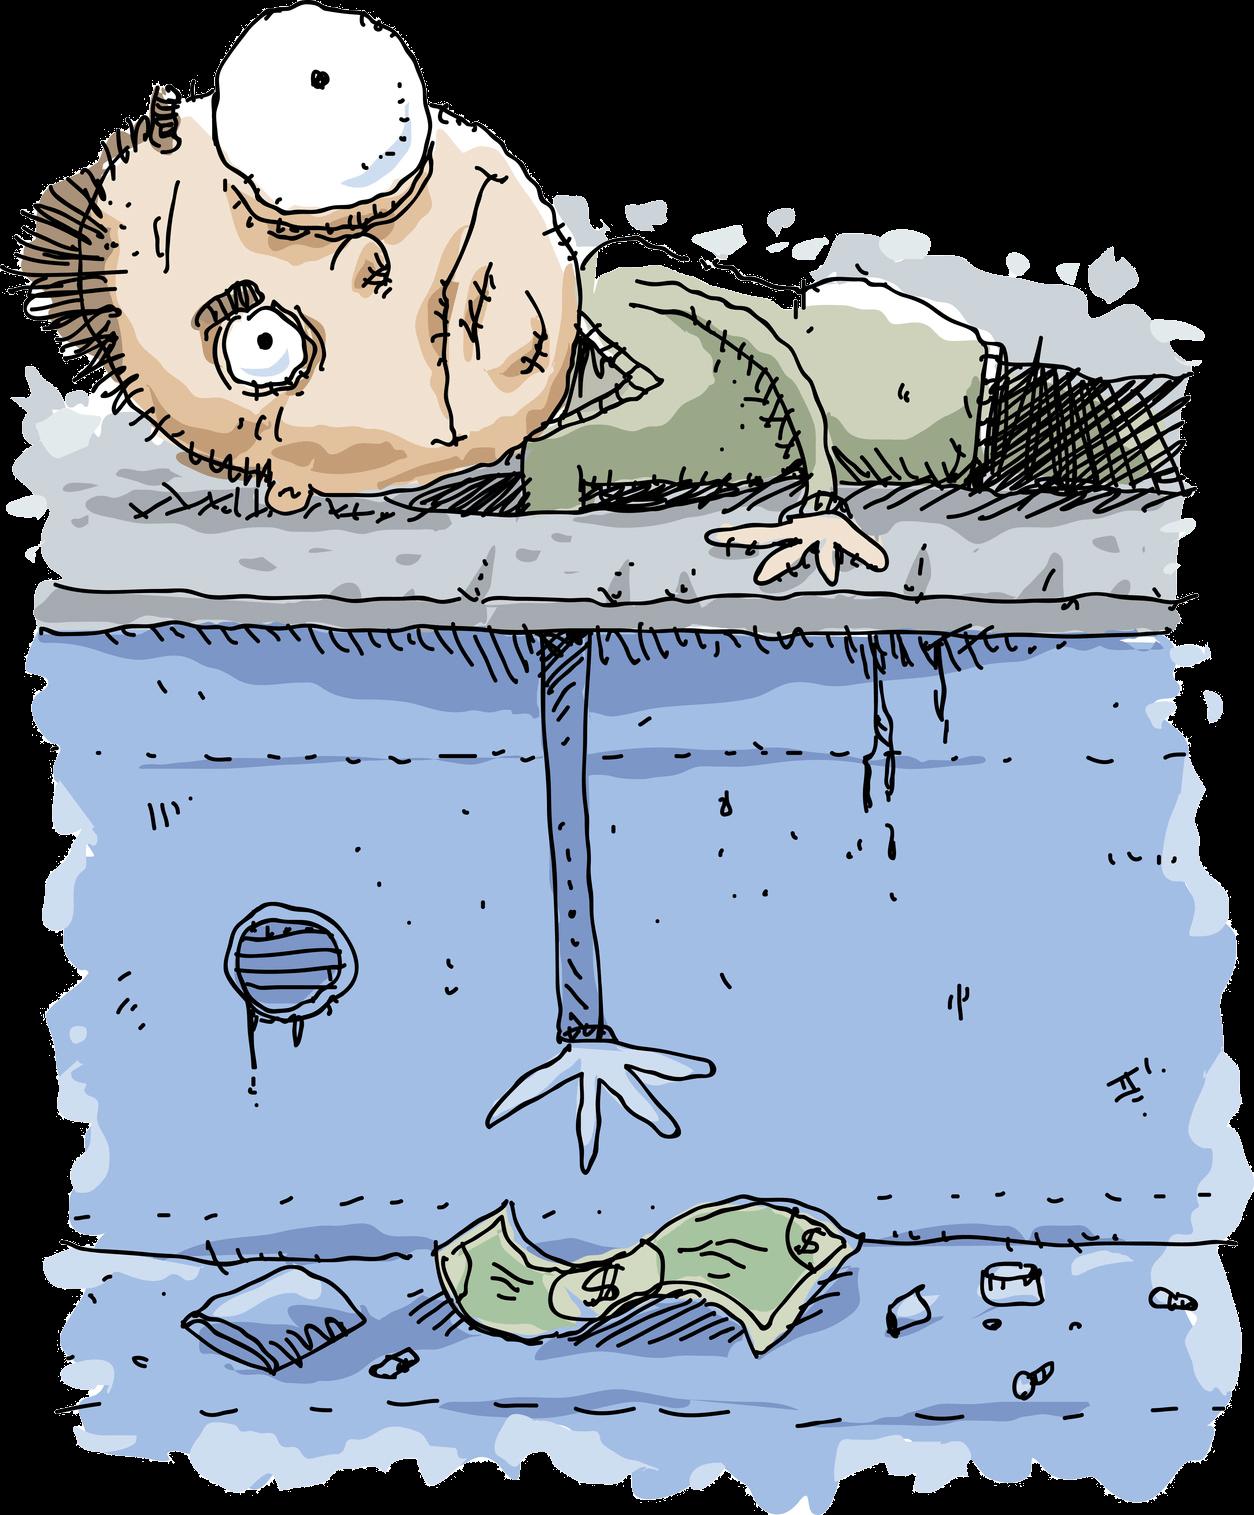 Đầu cơ là gì? Khi nào thì nhà đầu tư sinh lợi hoặc thua lỗ khi đầu cơ tiền tệ? 3